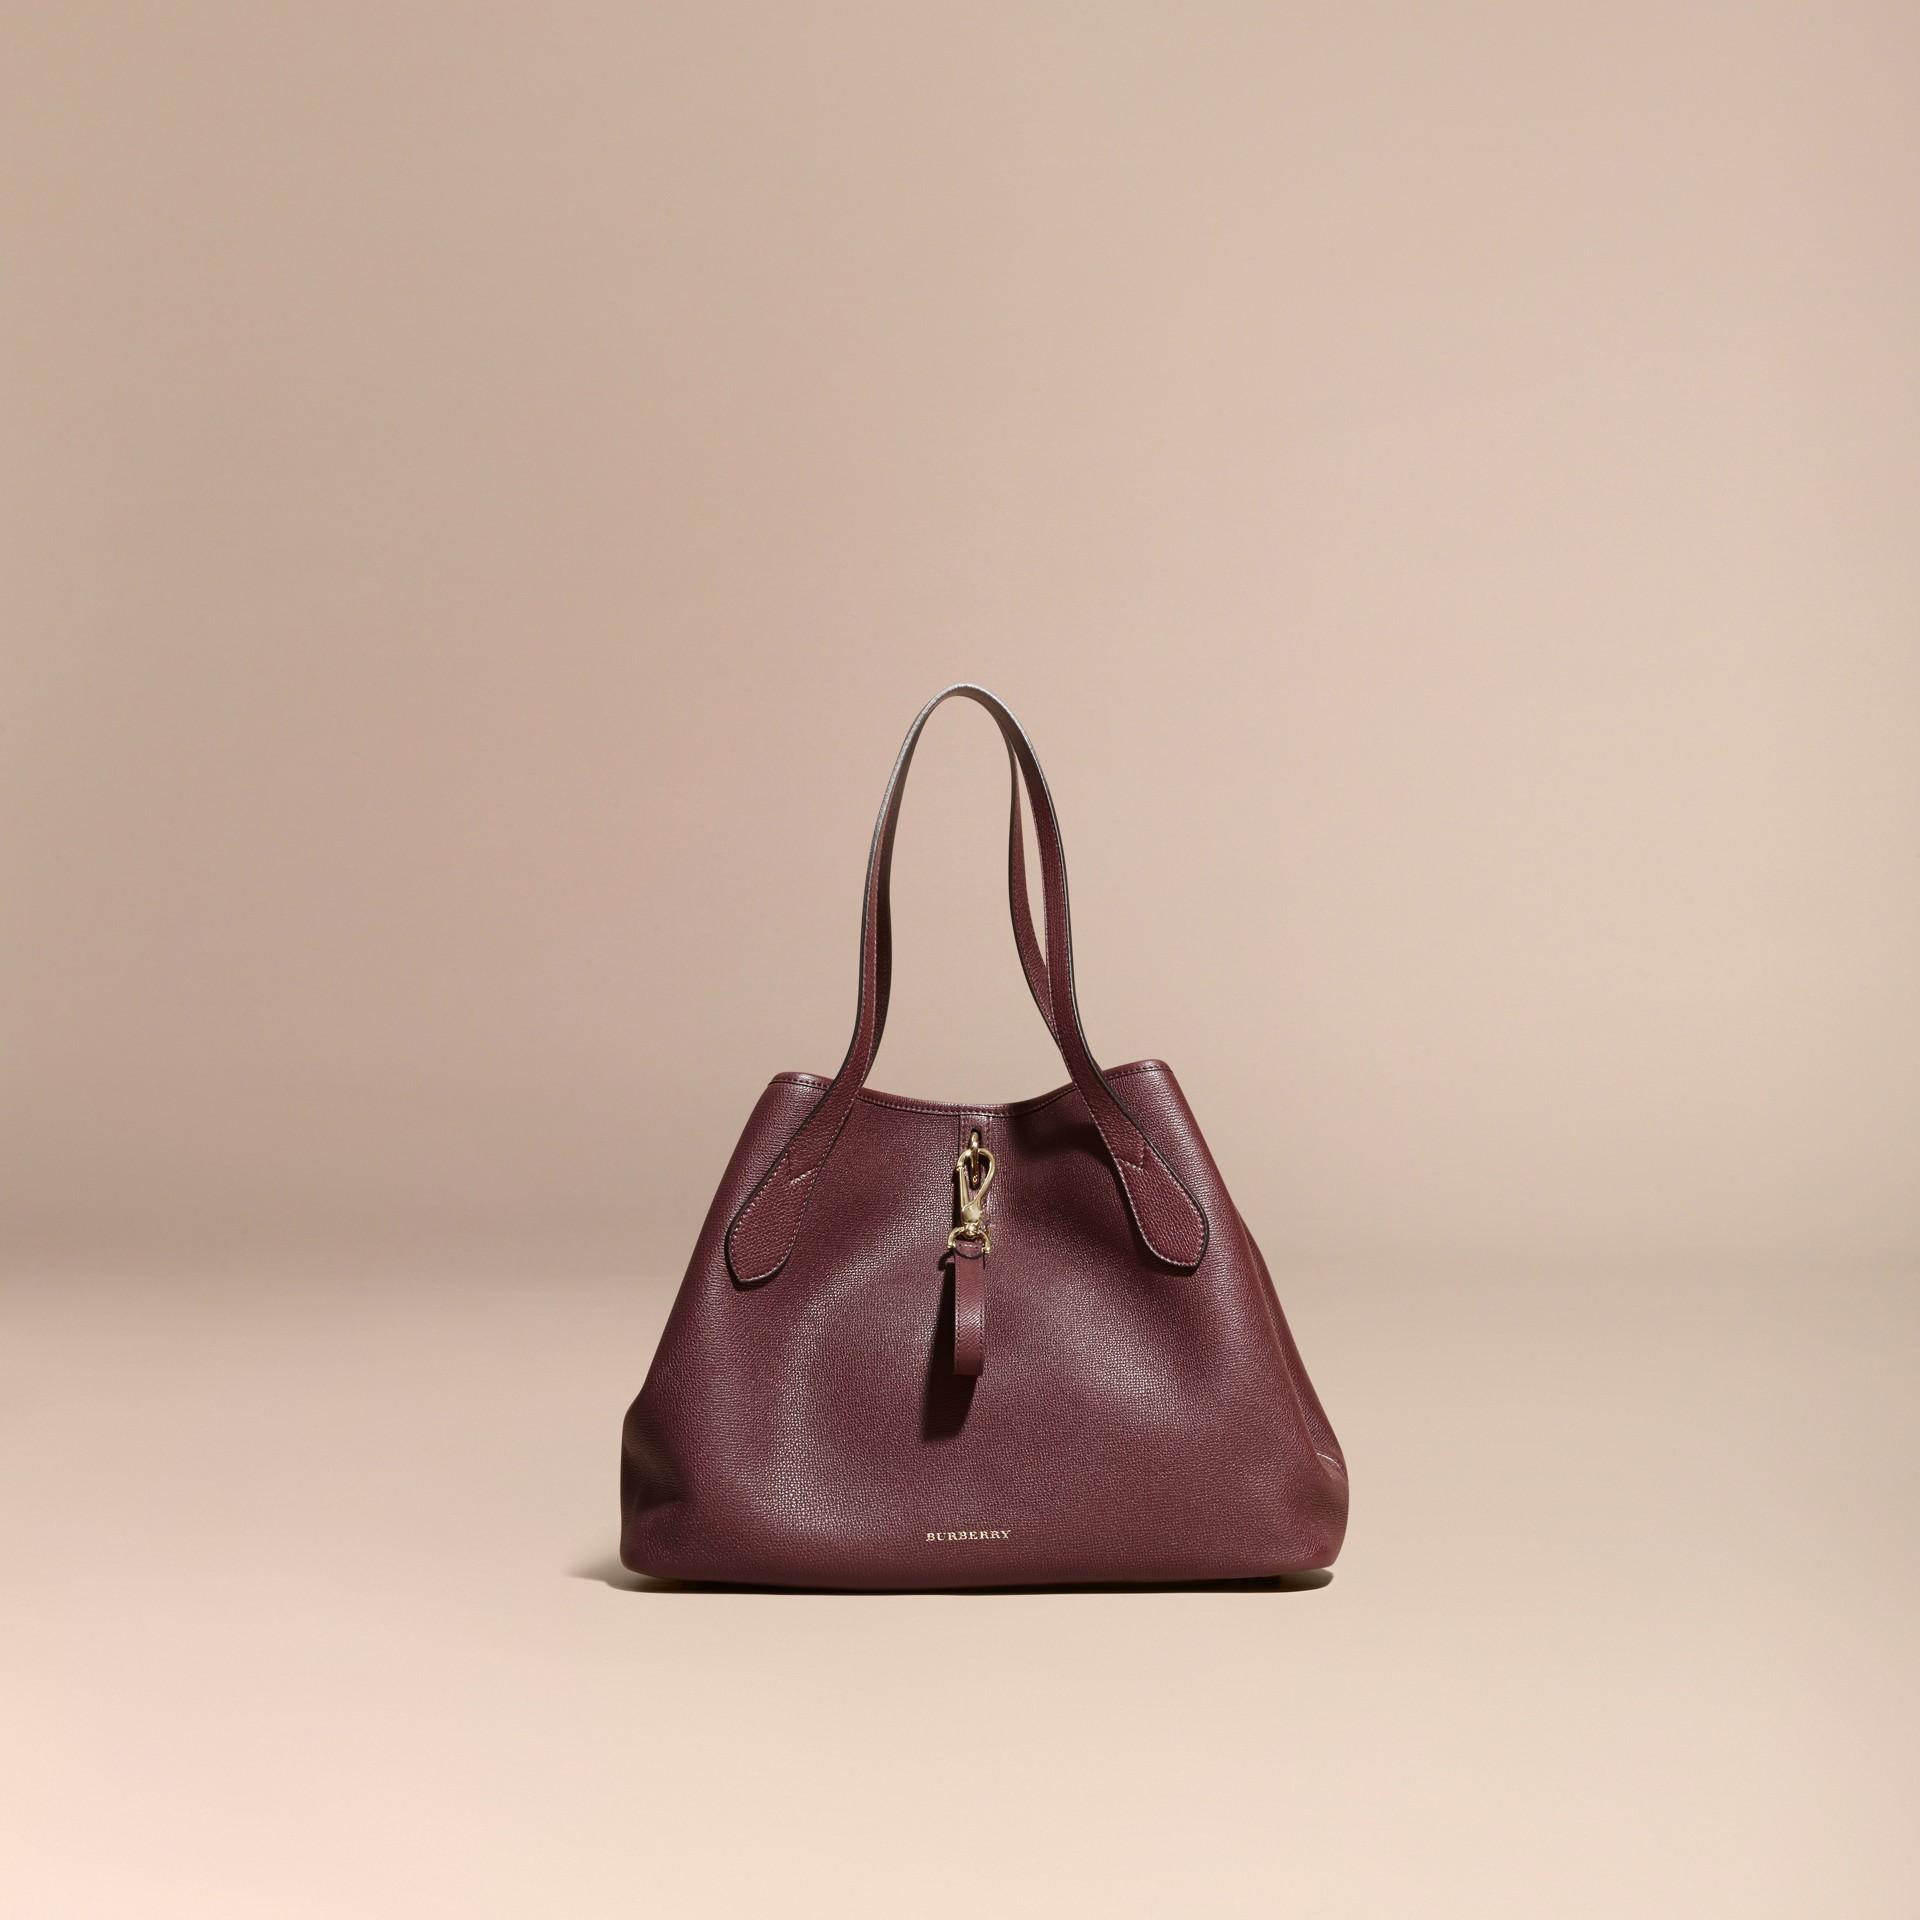 Rouge acajou Sac tote medium en cuir grené Rouge Acajou - photo de la galerie 8